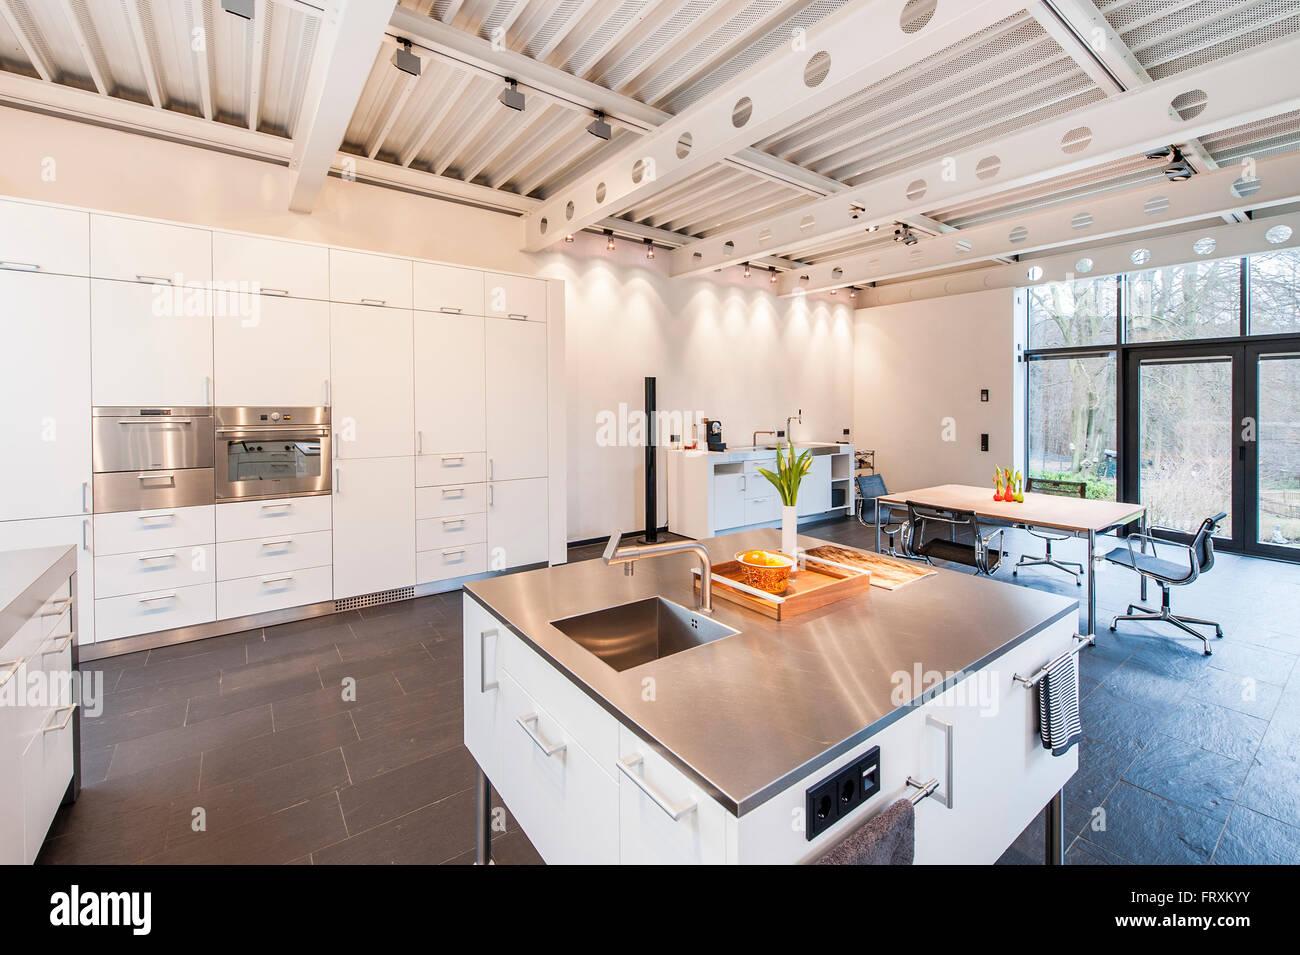 Küche Bauhaus | Offene Kuche Im Inneren Einer Bauhaus Villa Sauerland Deutschland